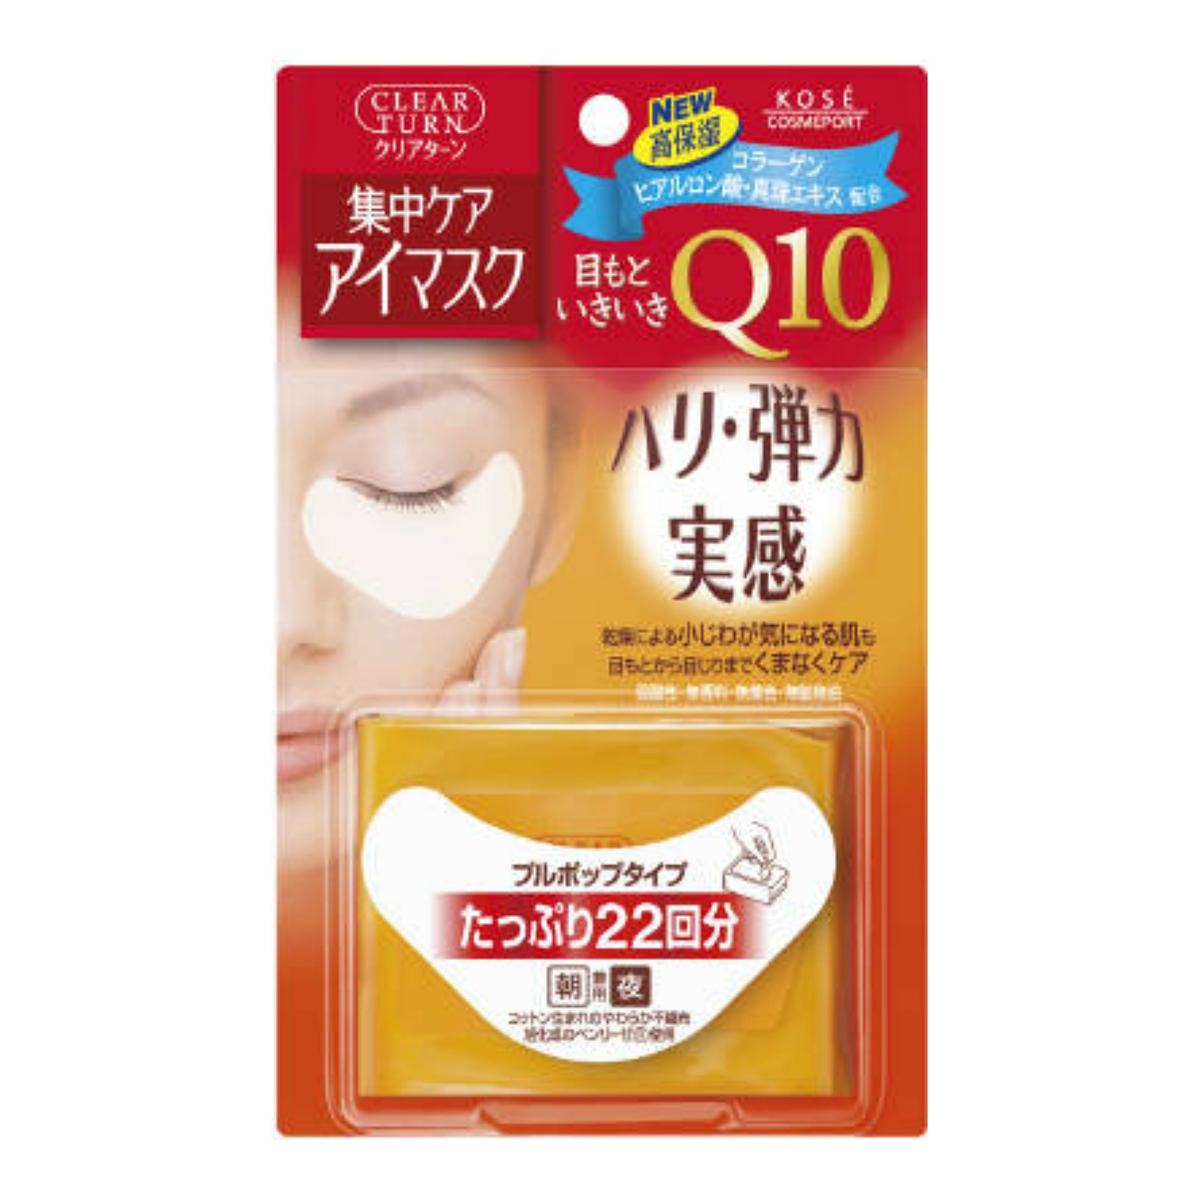 【送料無料】コーセー クリアターン アイマスク Q10 22回分×48点セット まとめ買い特価!ケース販売 ( 4971710319354 )